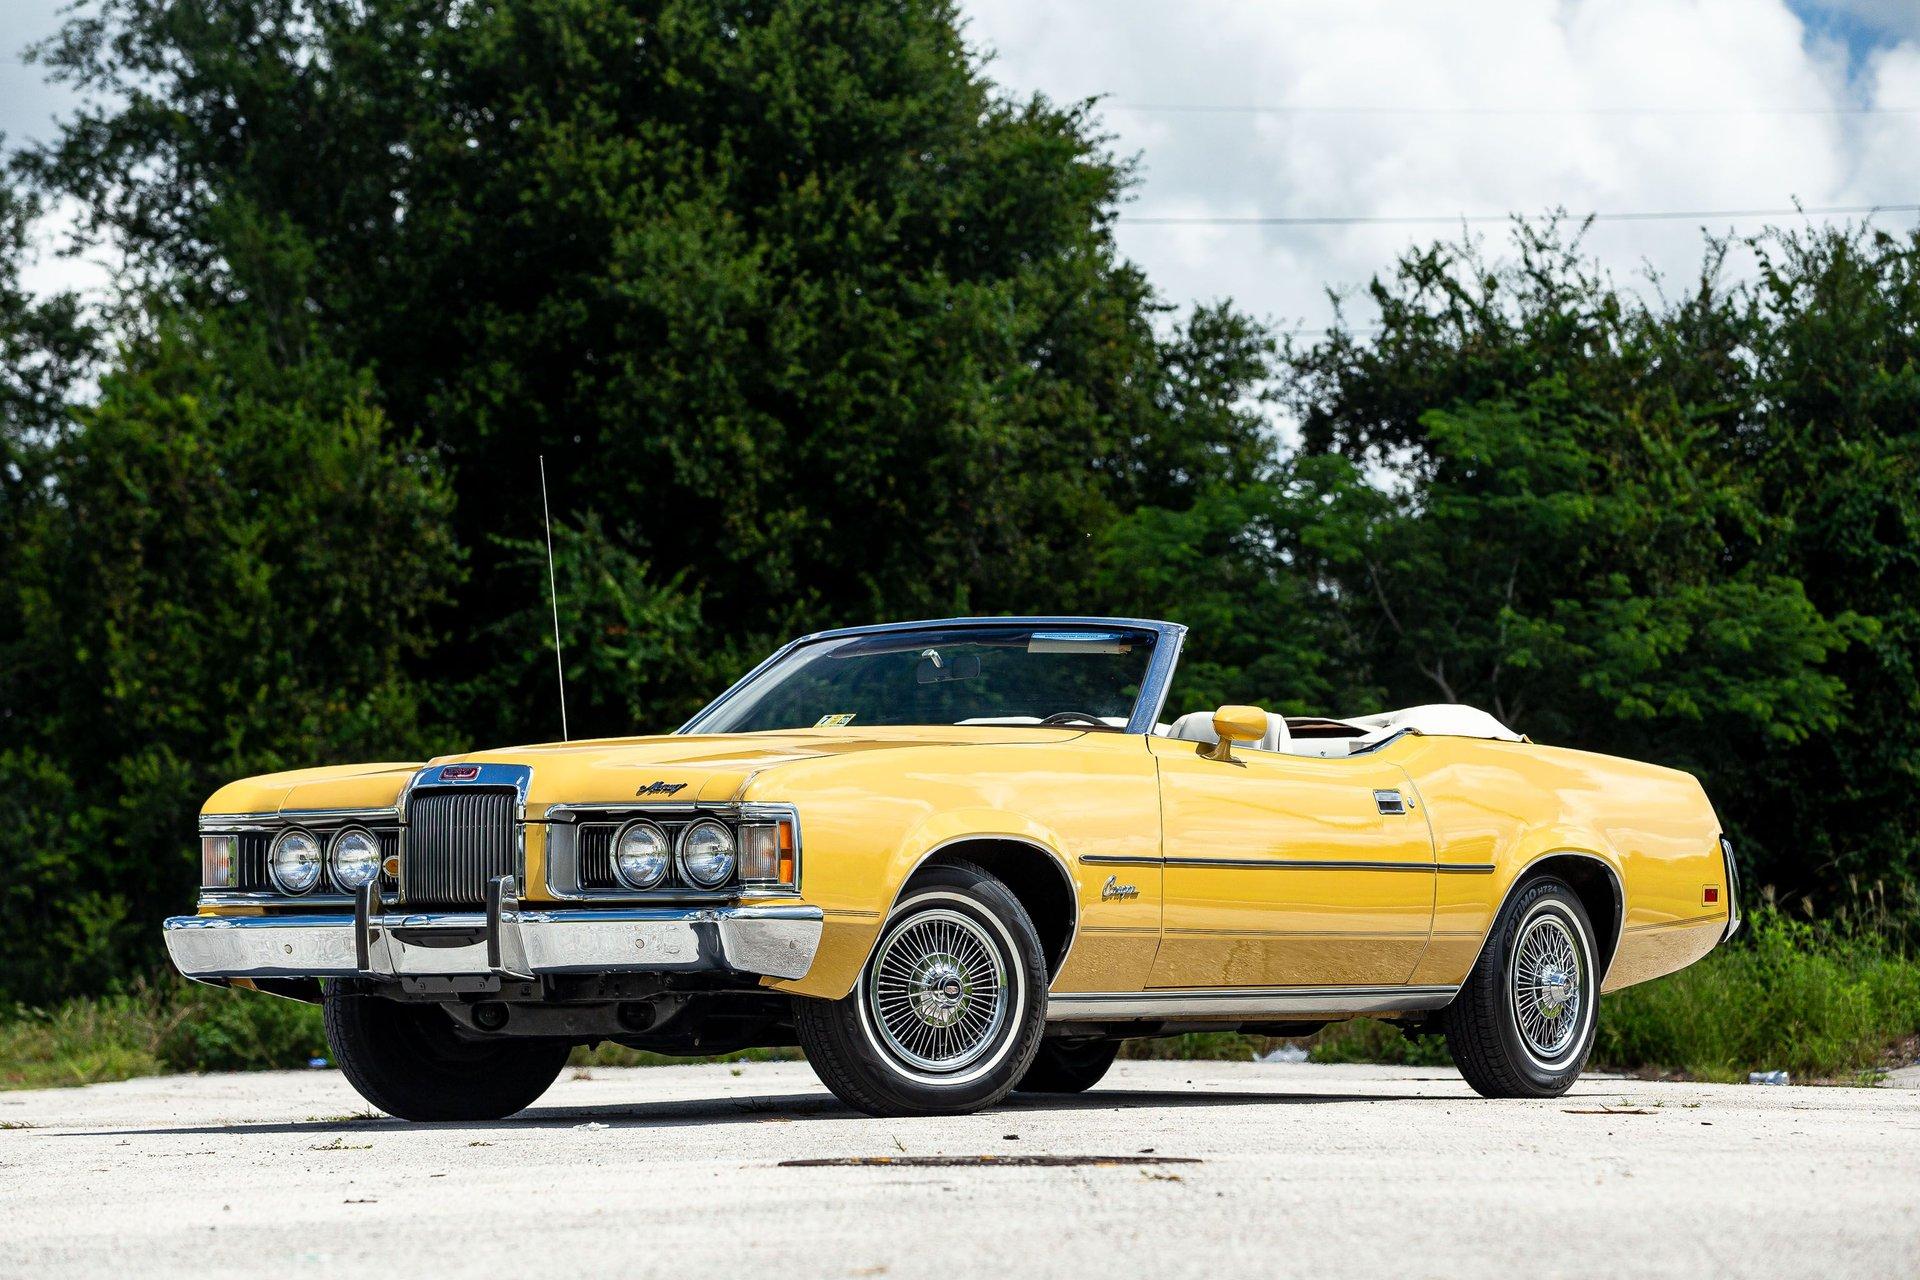 1973 Mercury Cougar